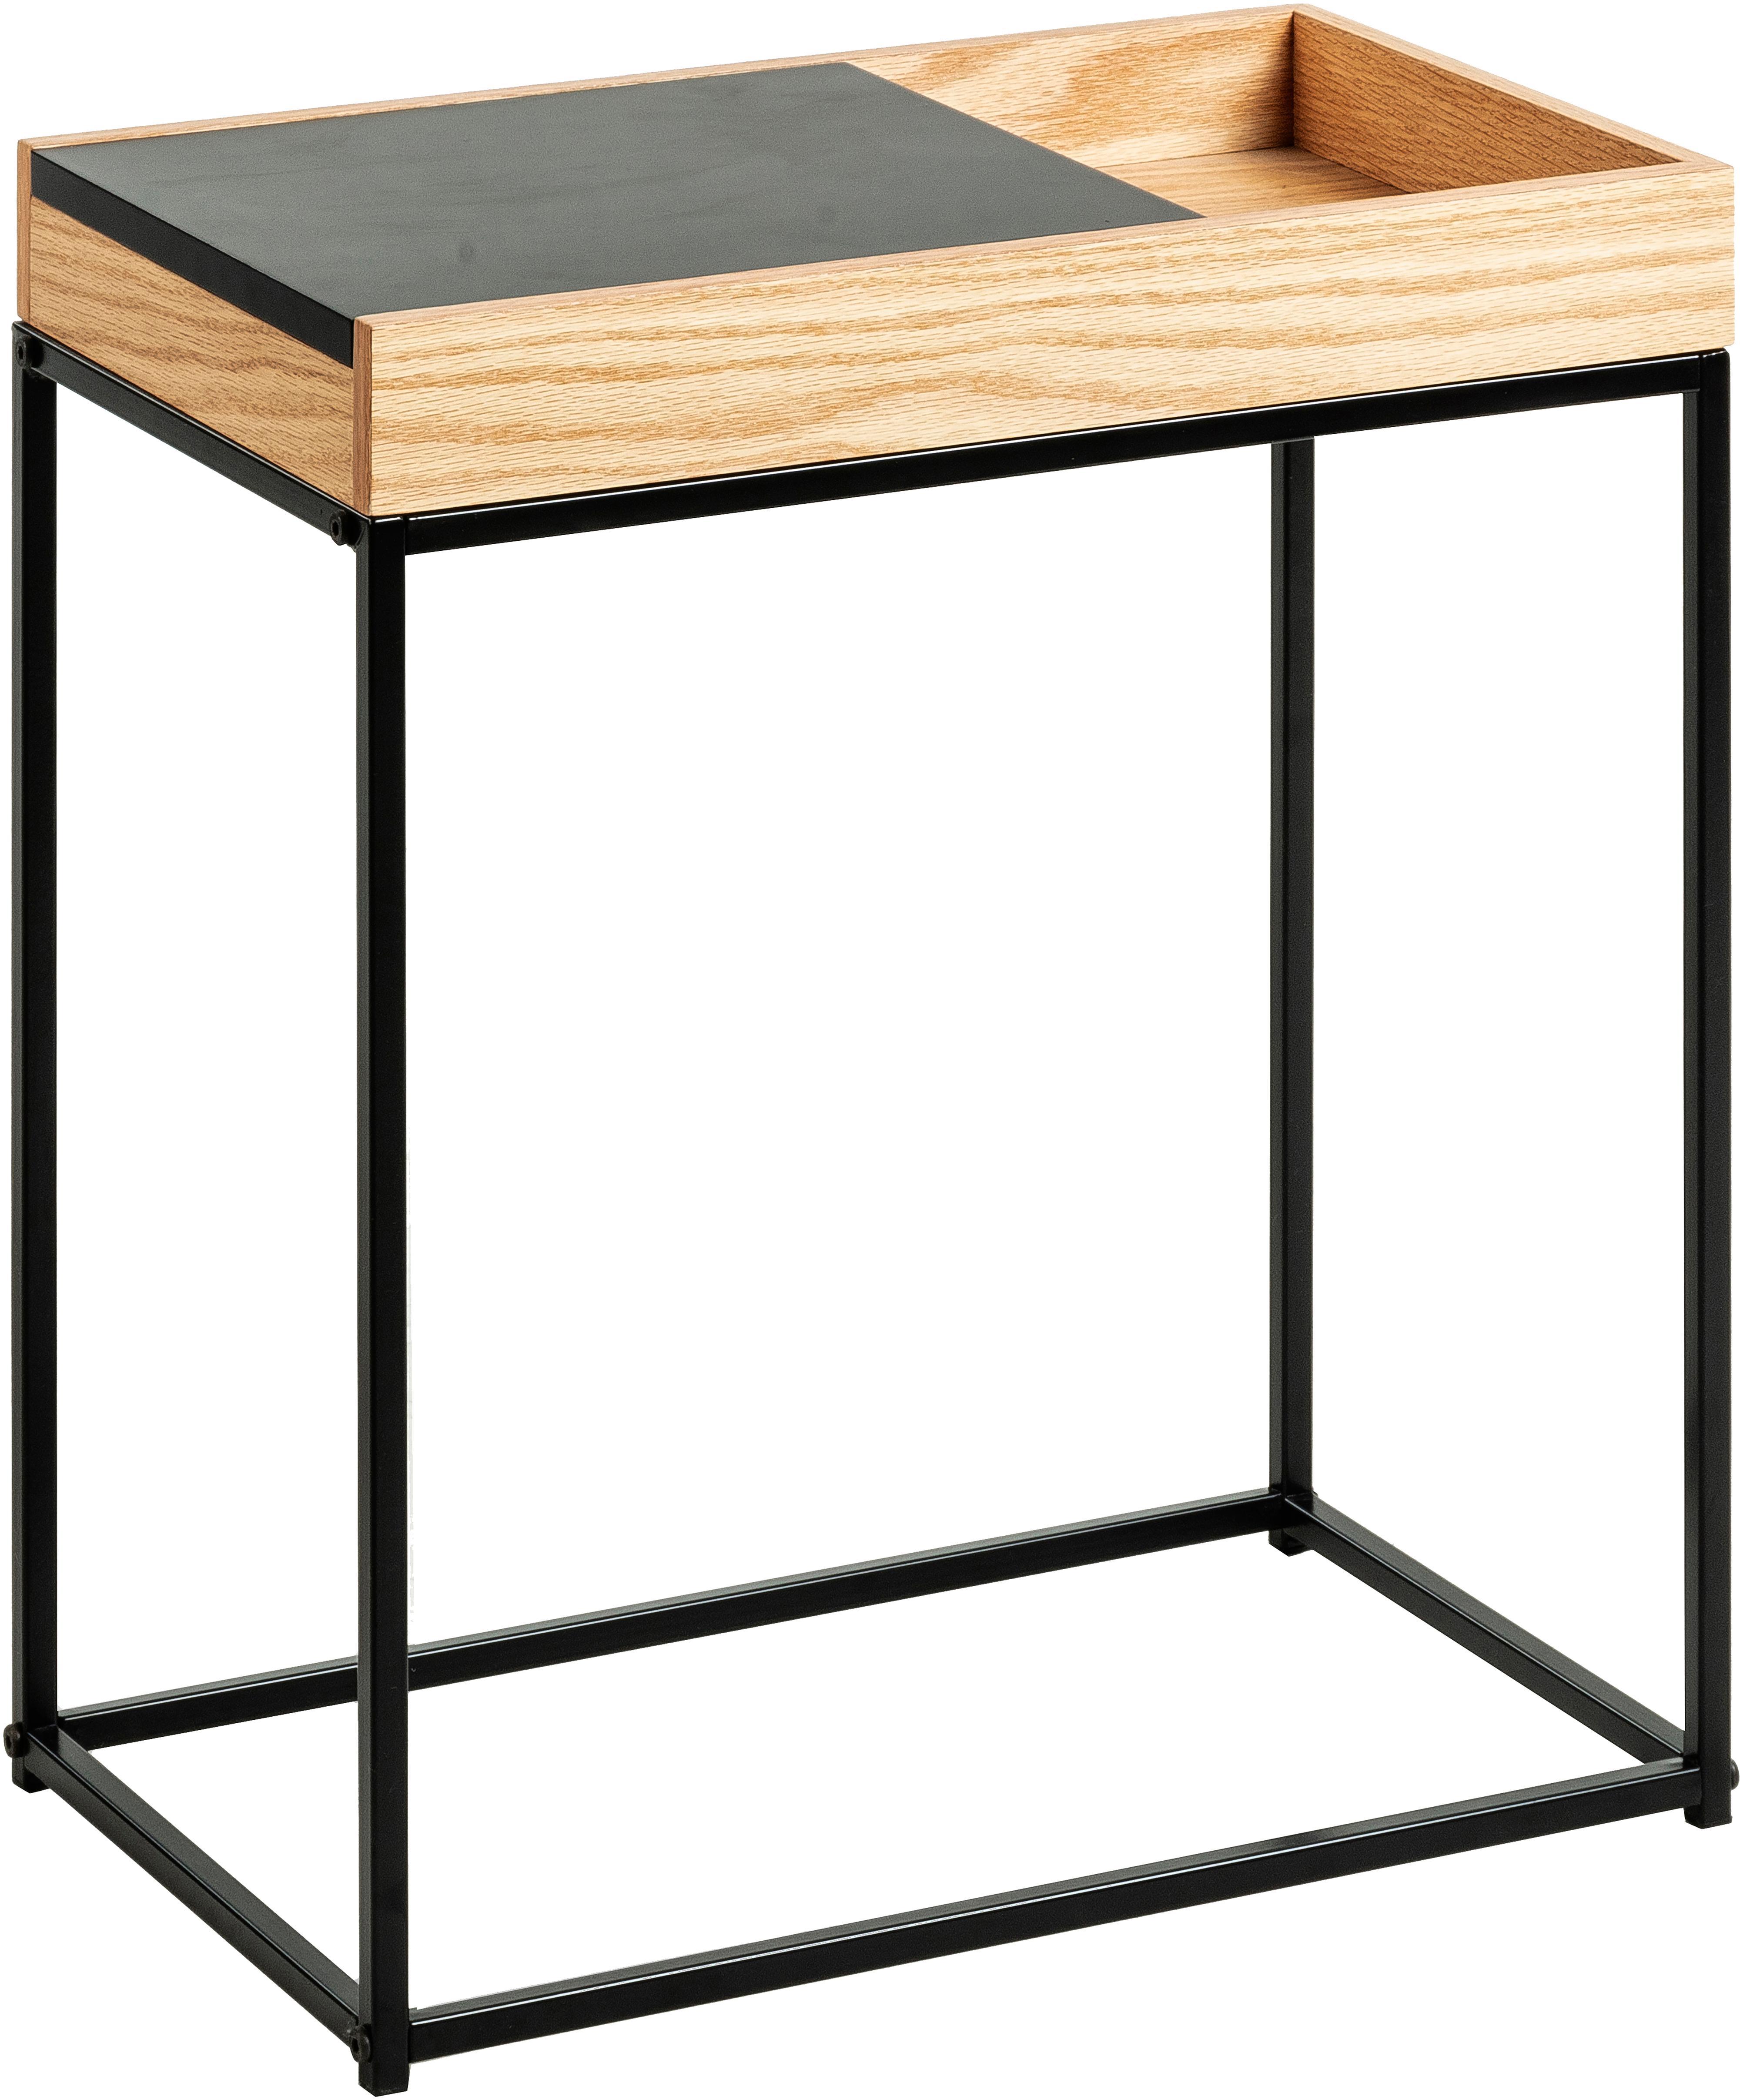 Bijzettafel Detail met schuifdeksel, Plank: MDF, eikenhoutfineer, Poten: gelakt metaal, Eikenhoutkleurig, zwart, B 50 x D 30 cm